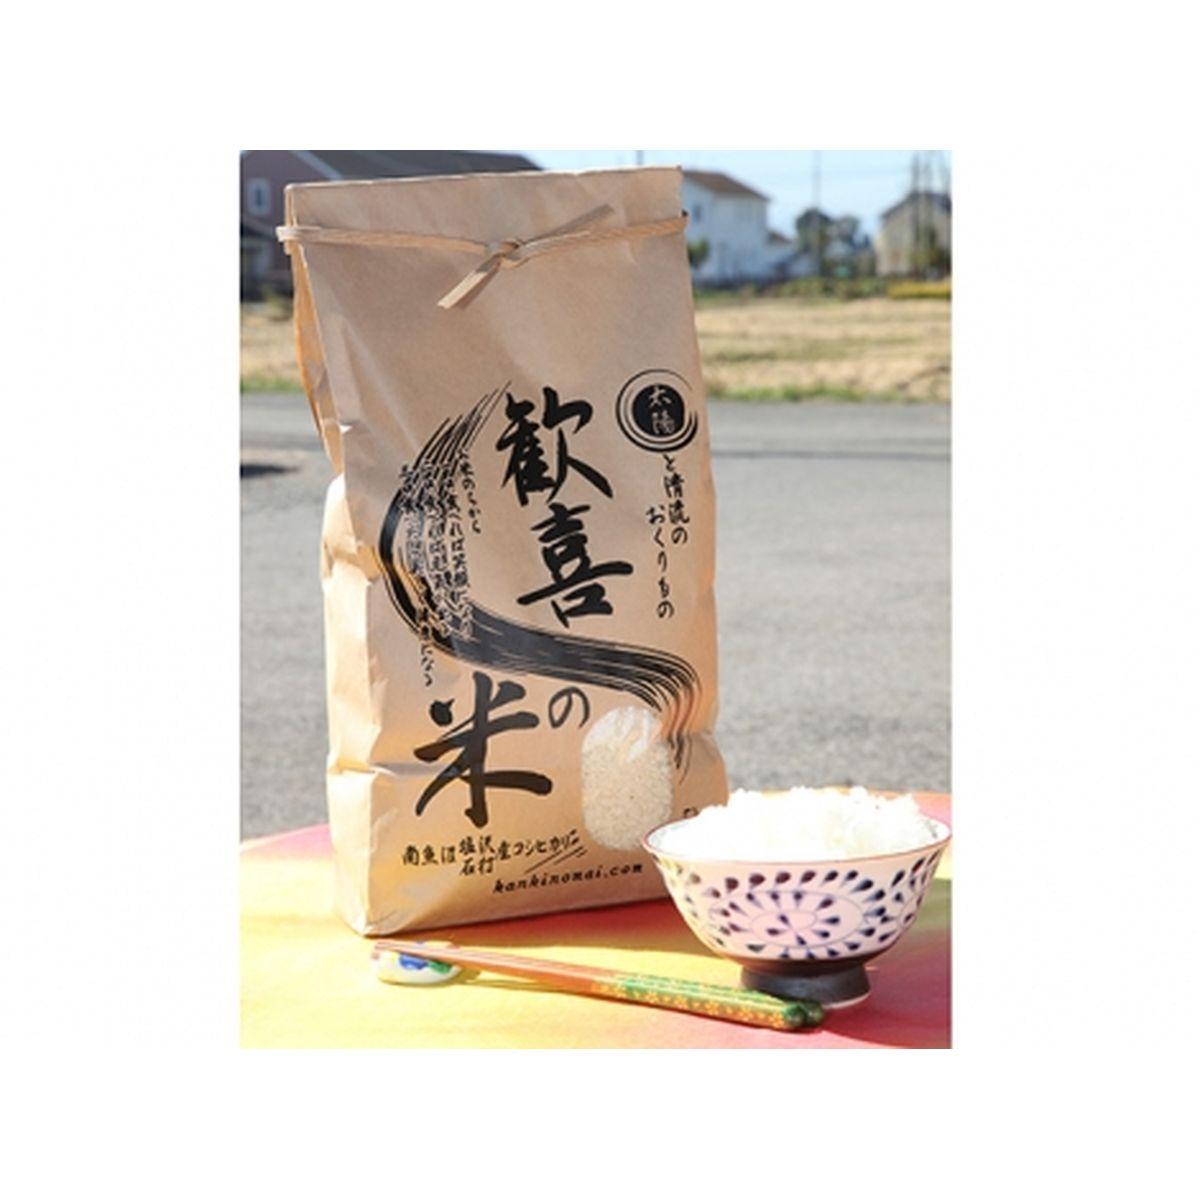 【送料無料】川辺コーポレーション 南魚沼産 令和2年産 「特A」 プレミアム歓喜の米 コシヒカリ1kg